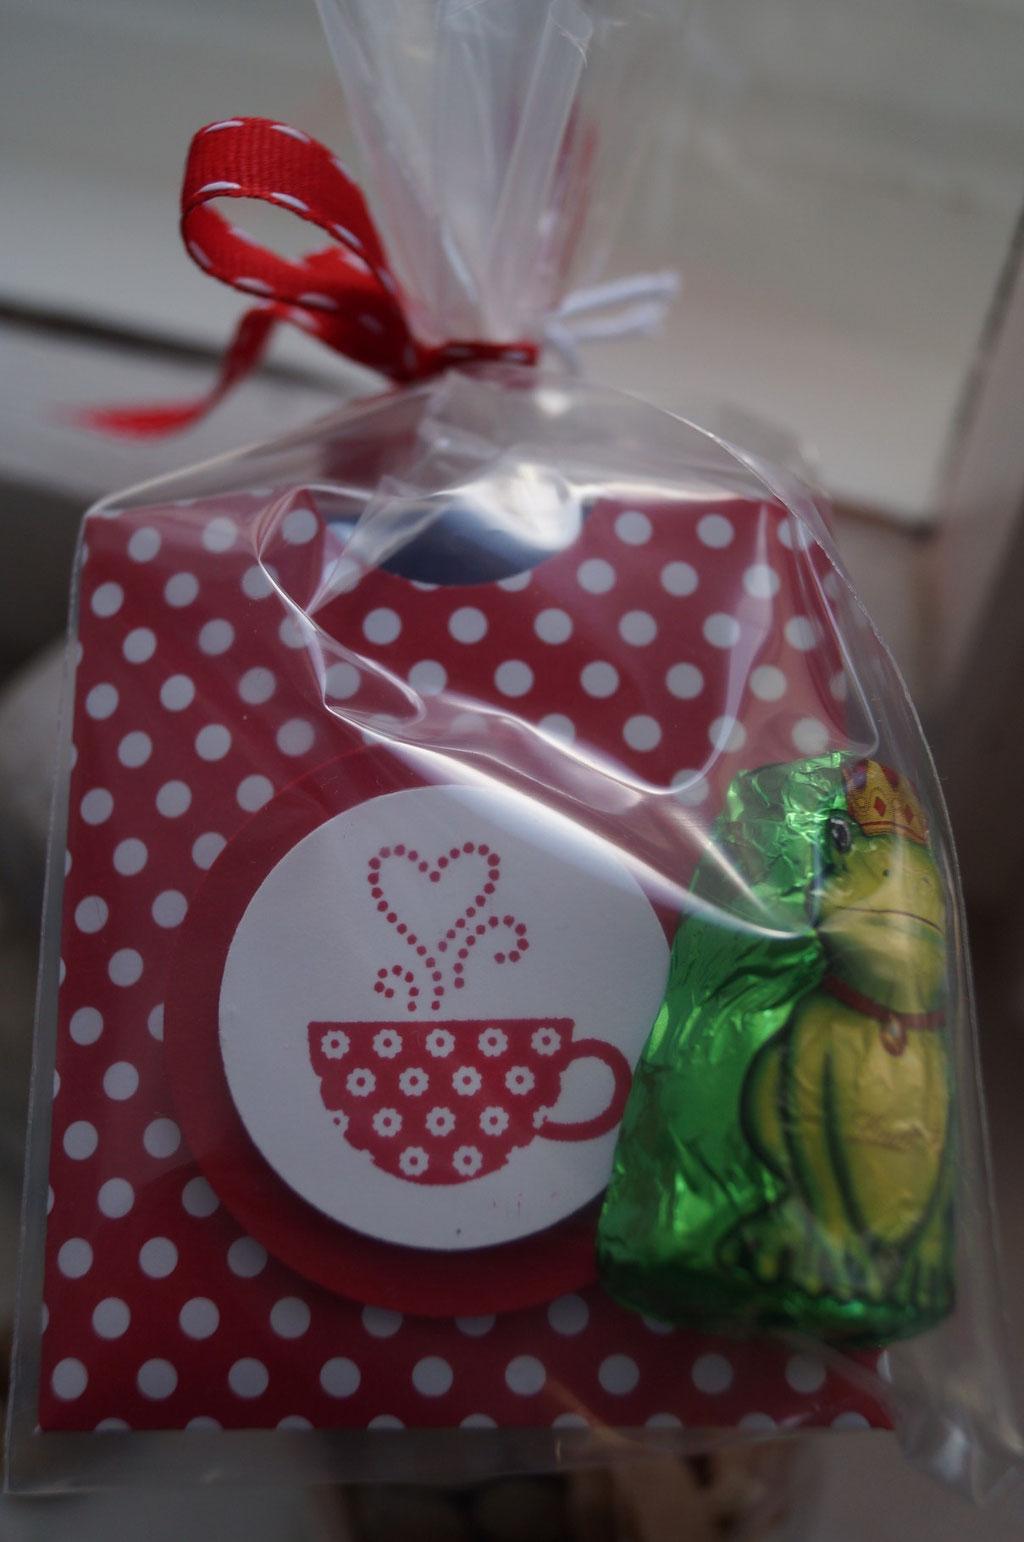 Teebeutel verpackt und verschönert & Froschschokolade zur schnelleren Genesung - Patricia Stich 2015